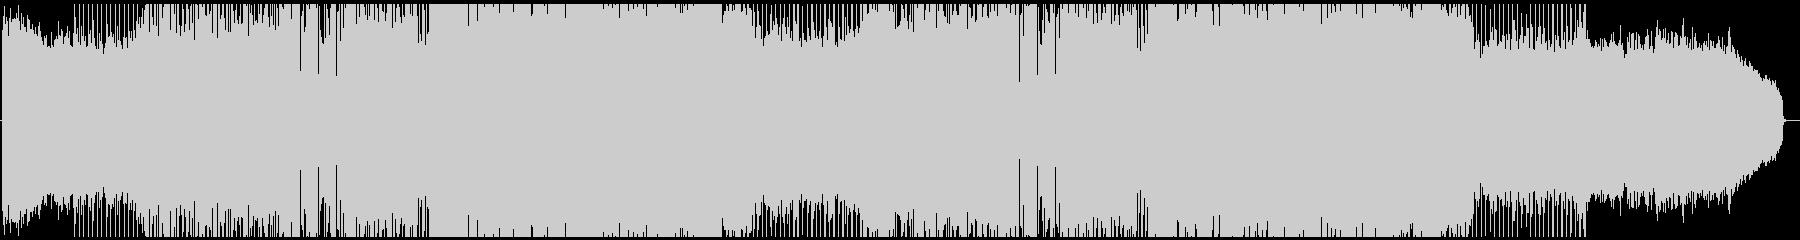 バイオリンメインの前向きなポップスの未再生の波形